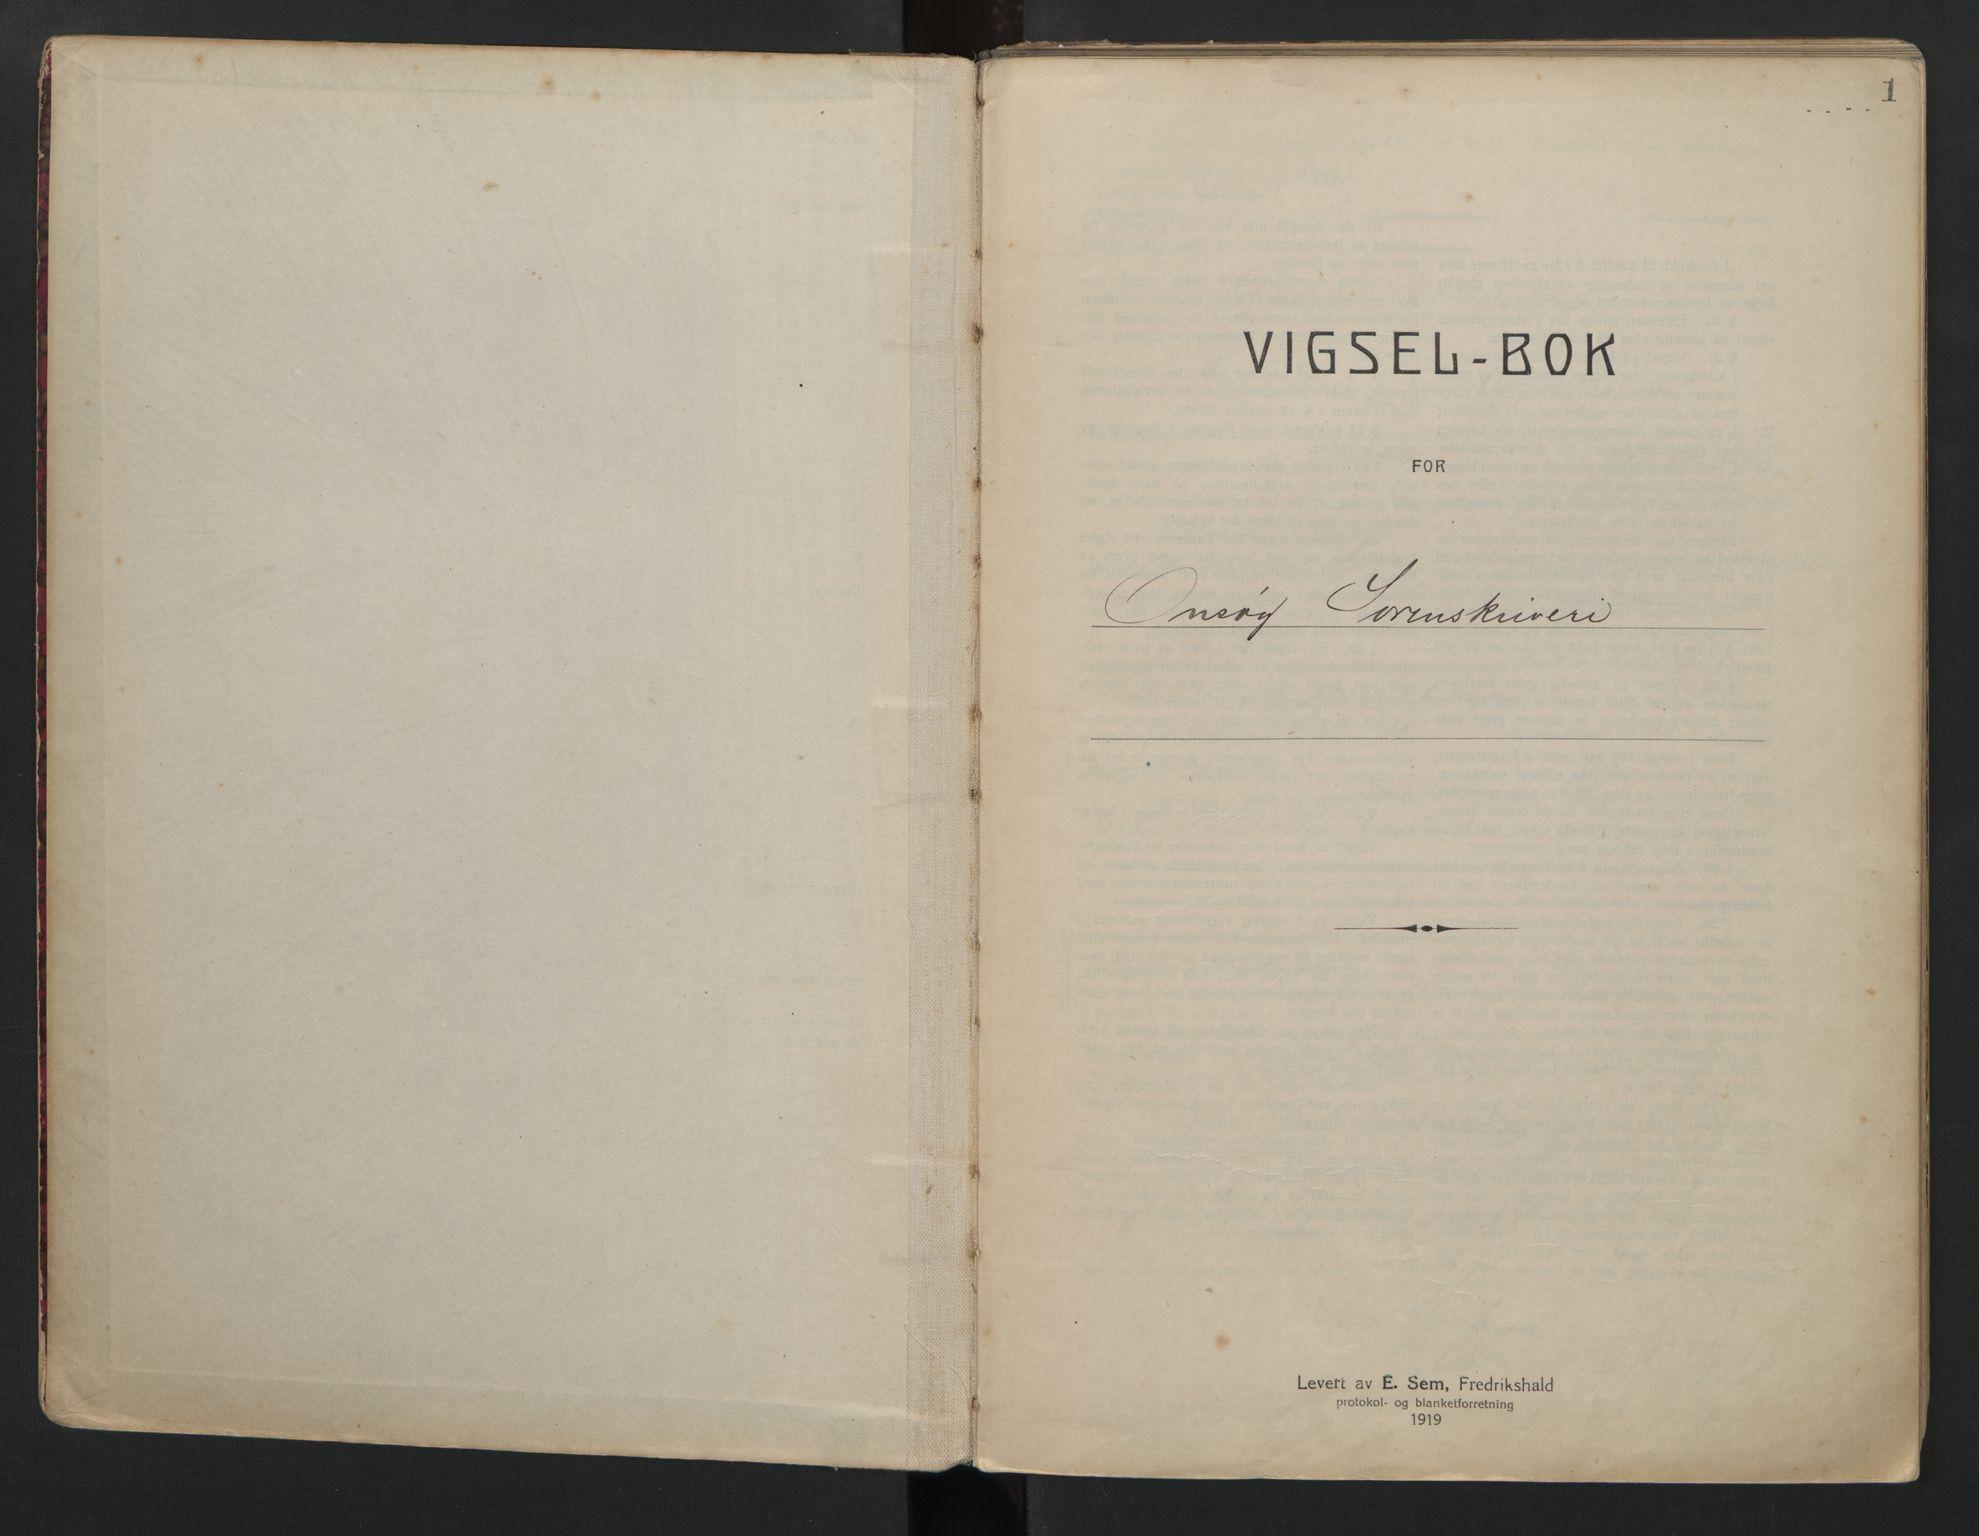 SAO, Onsøy sorenskriveri, L/La/L0001: Vigselsbok, 1920-1942, s. 1